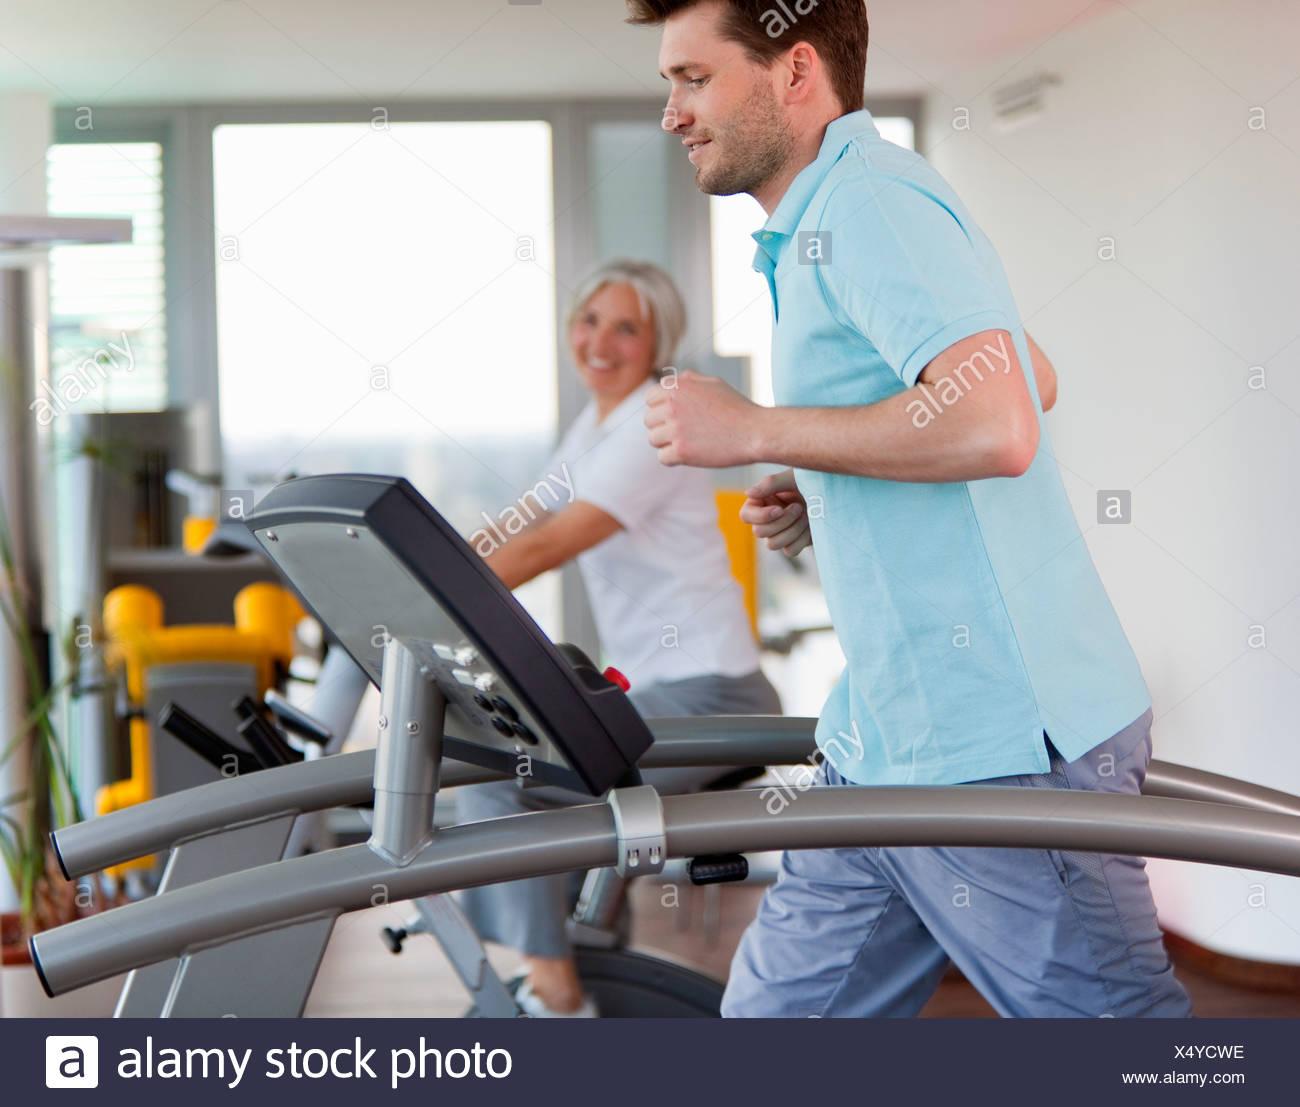 L'homme à l'aide de tapis roulant dans une salle de sport Banque D'Images